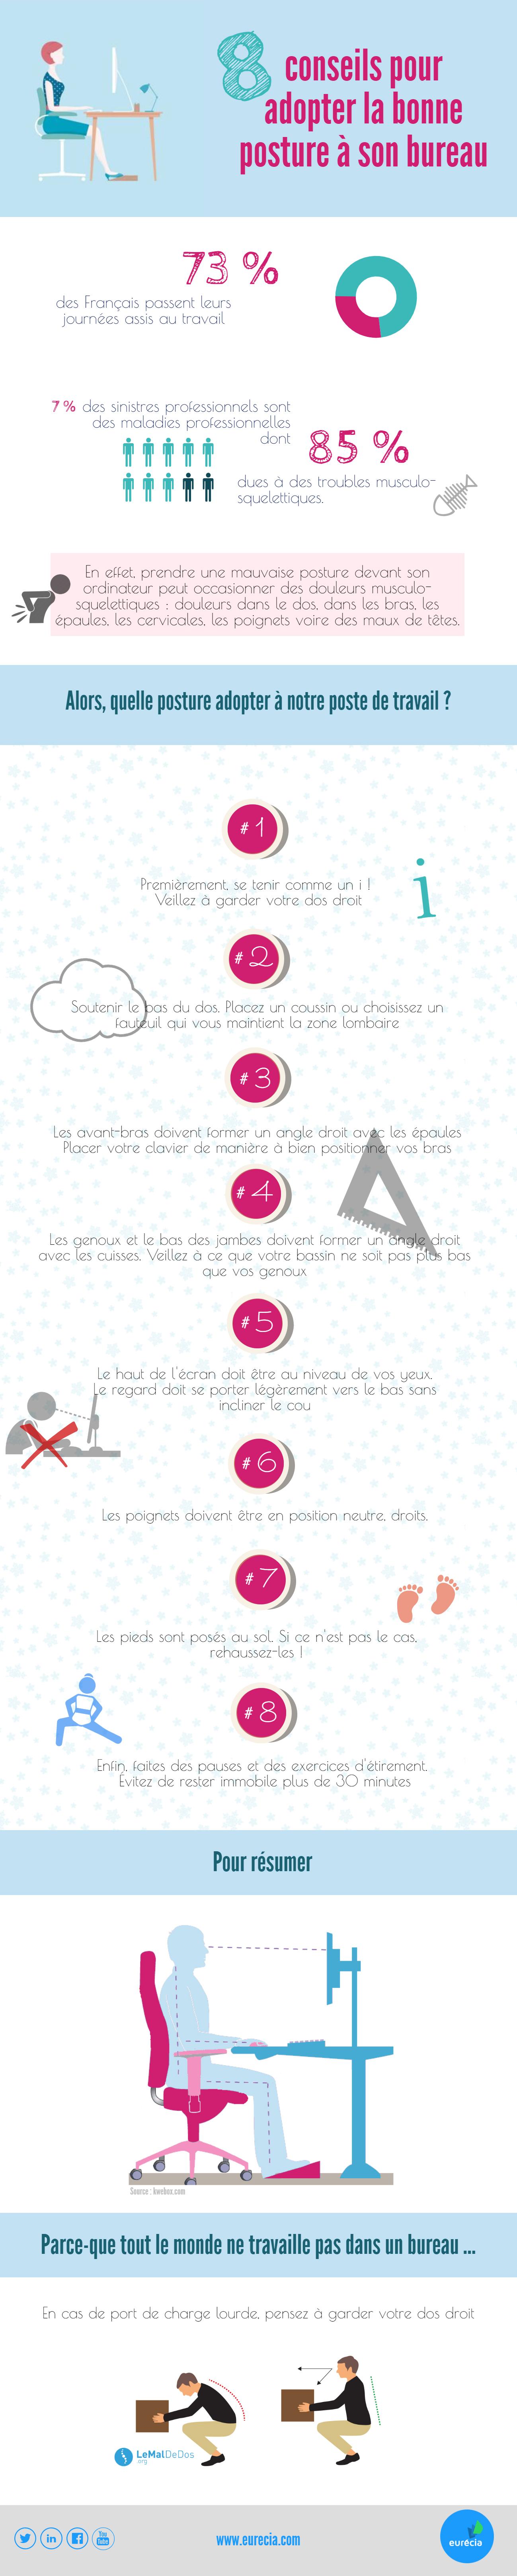 Infographie QVT : La bonne posture pour rendre vos salariés heureux